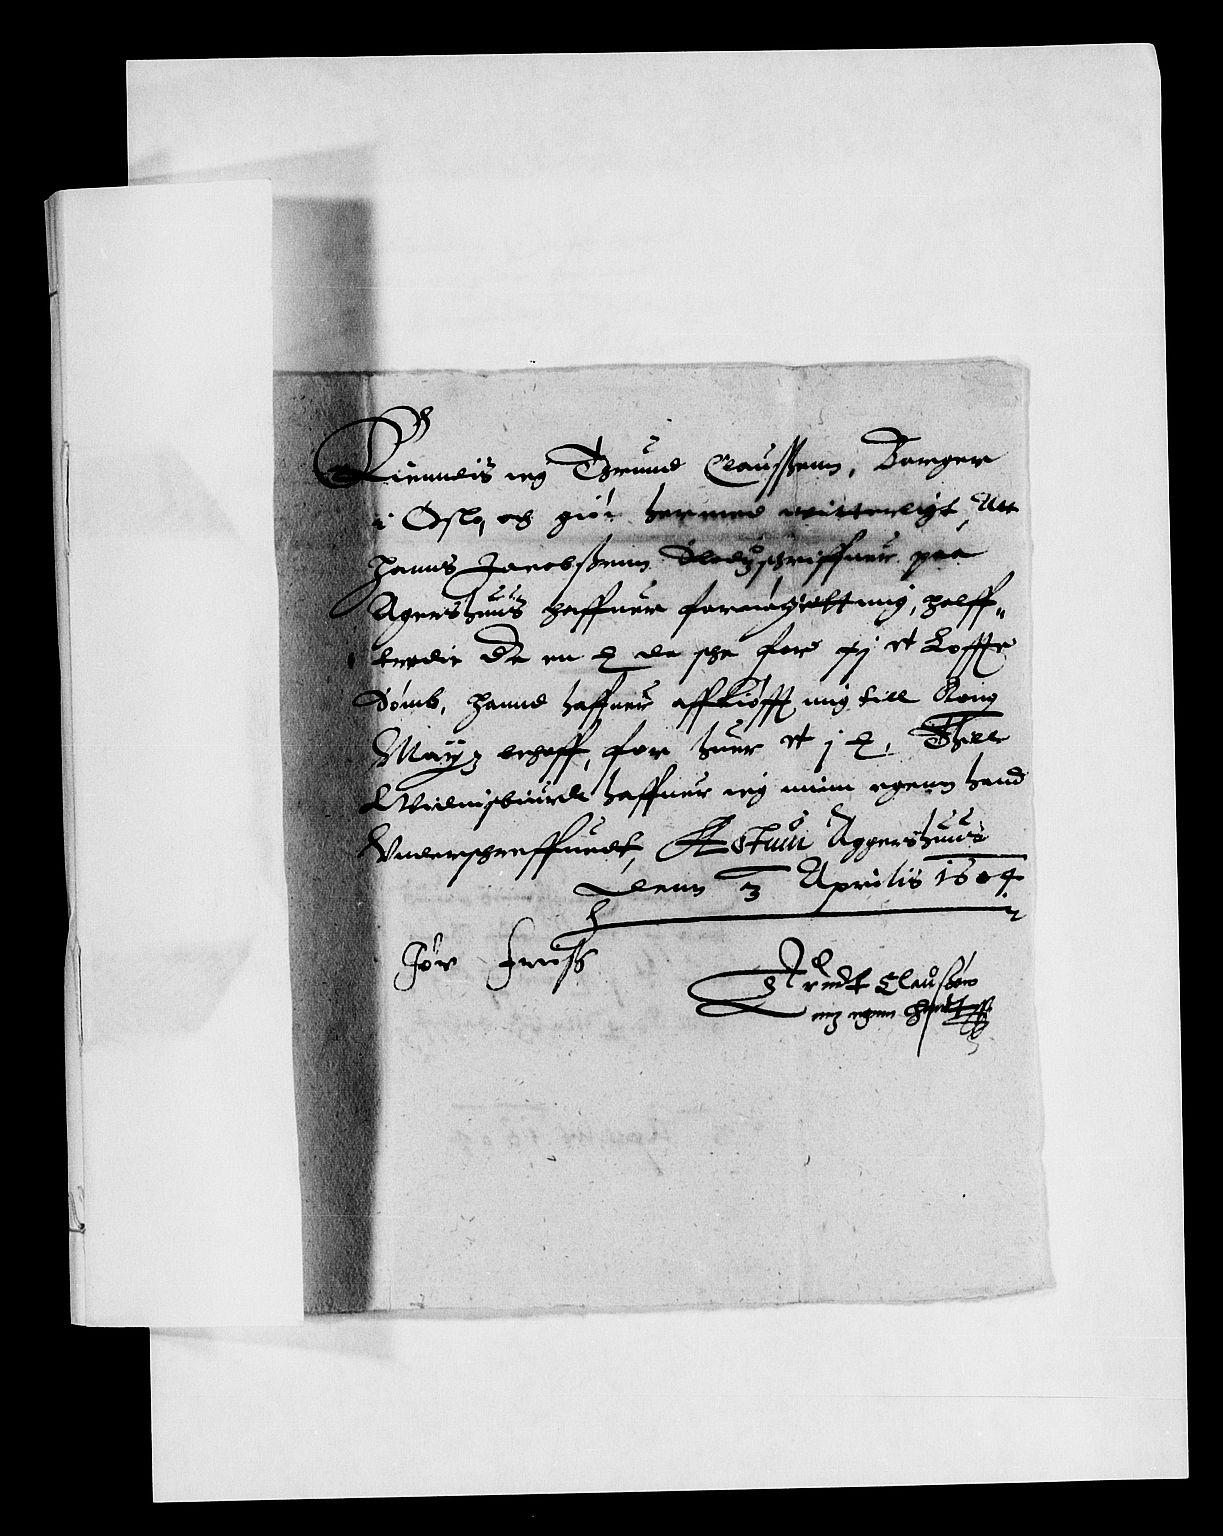 RA, Rentekammeret inntil 1814, Reviderte regnskaper, Lensregnskaper, R/Rb/Rba/L0017: Akershus len, 1603-1604